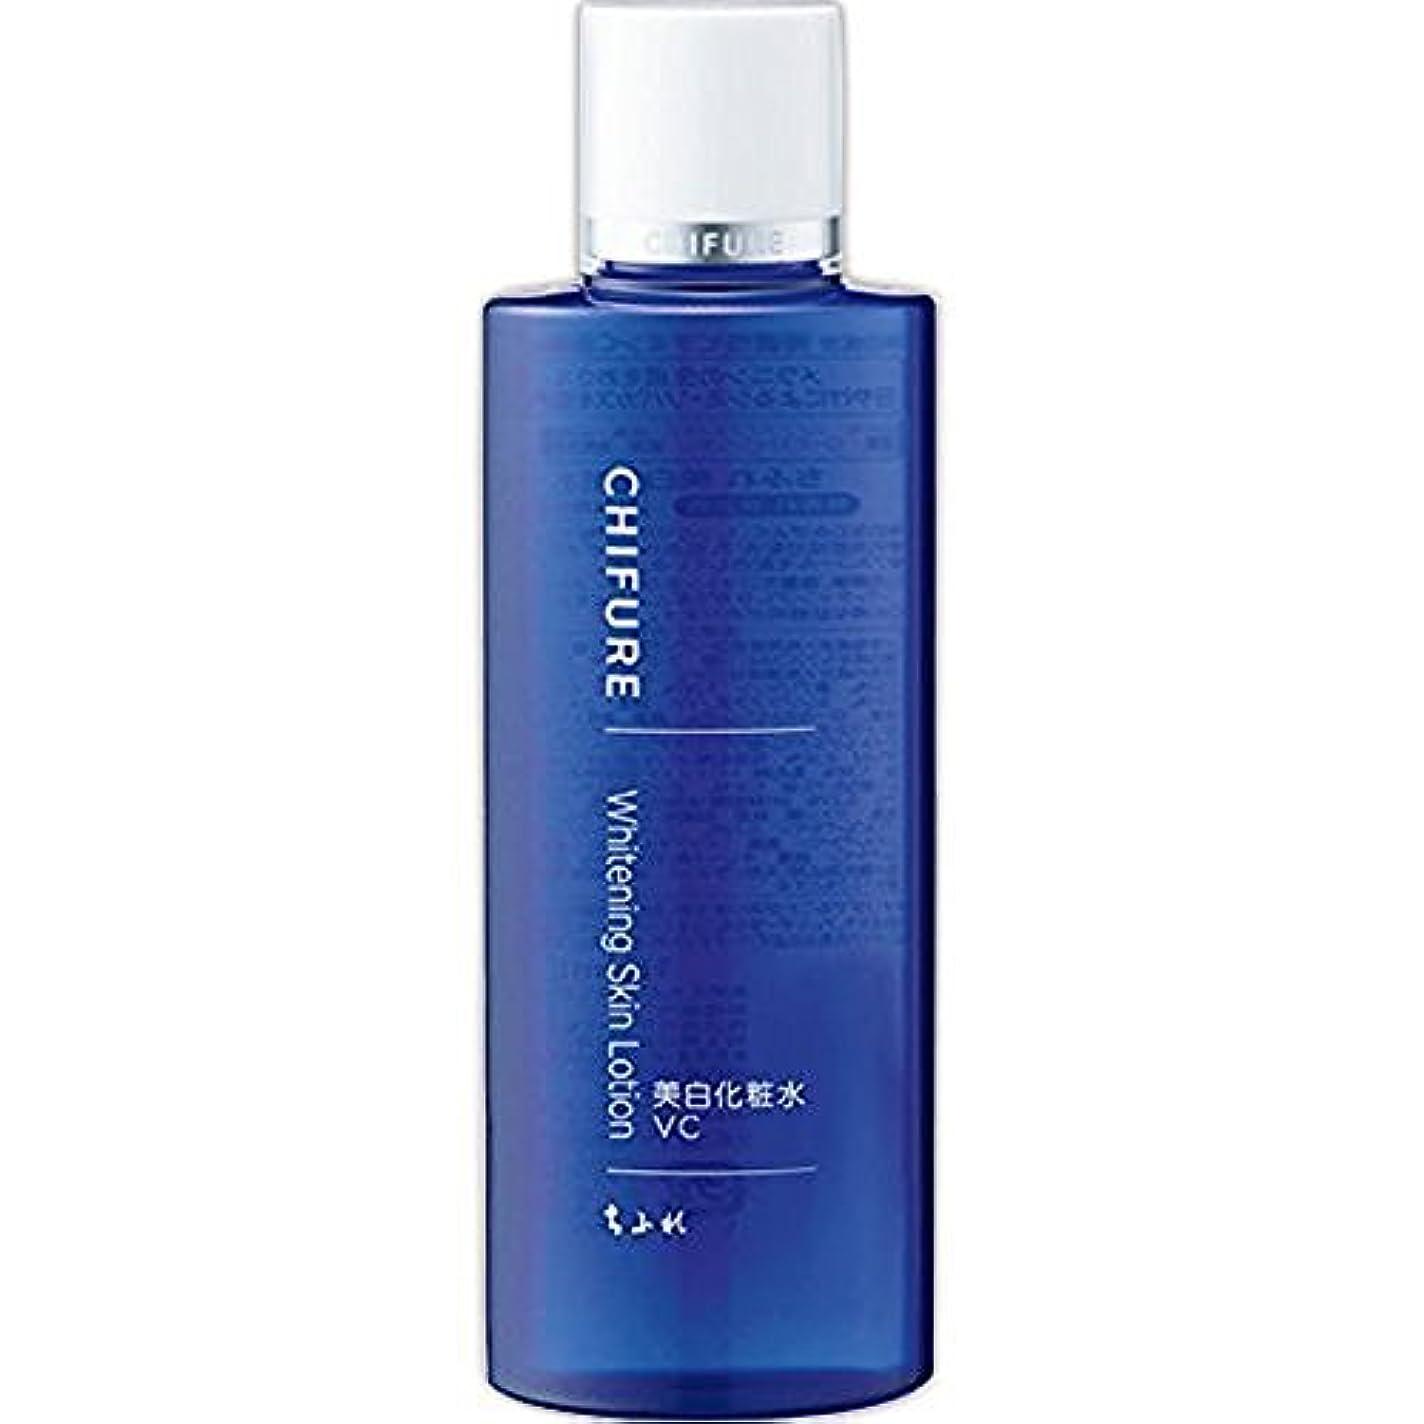 代わりにおしゃれじゃないフィルタちふれ化粧品 美白化粧水 VC 180ML (医薬部外品)